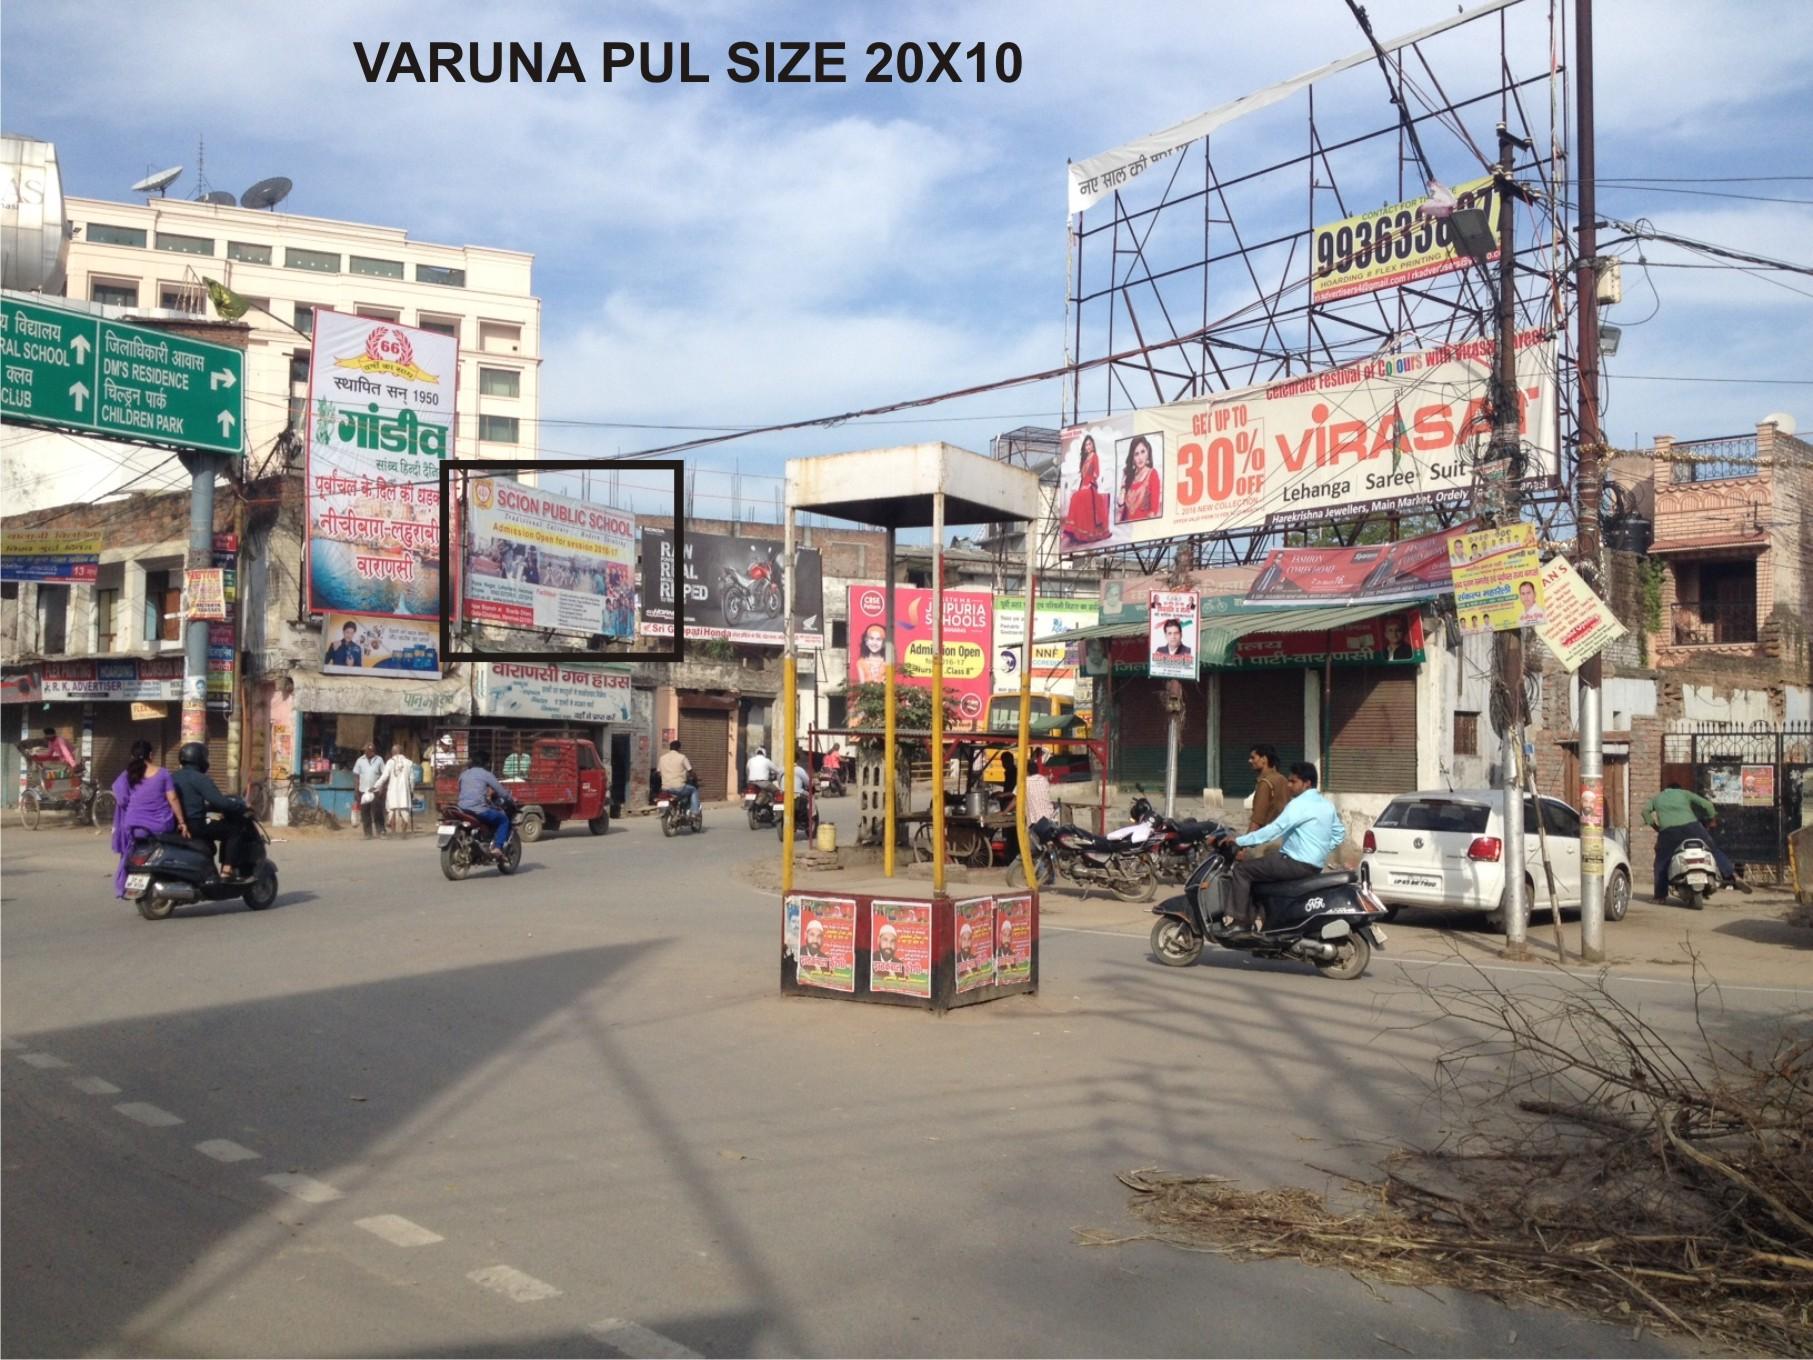 VARUNA, Varanasi